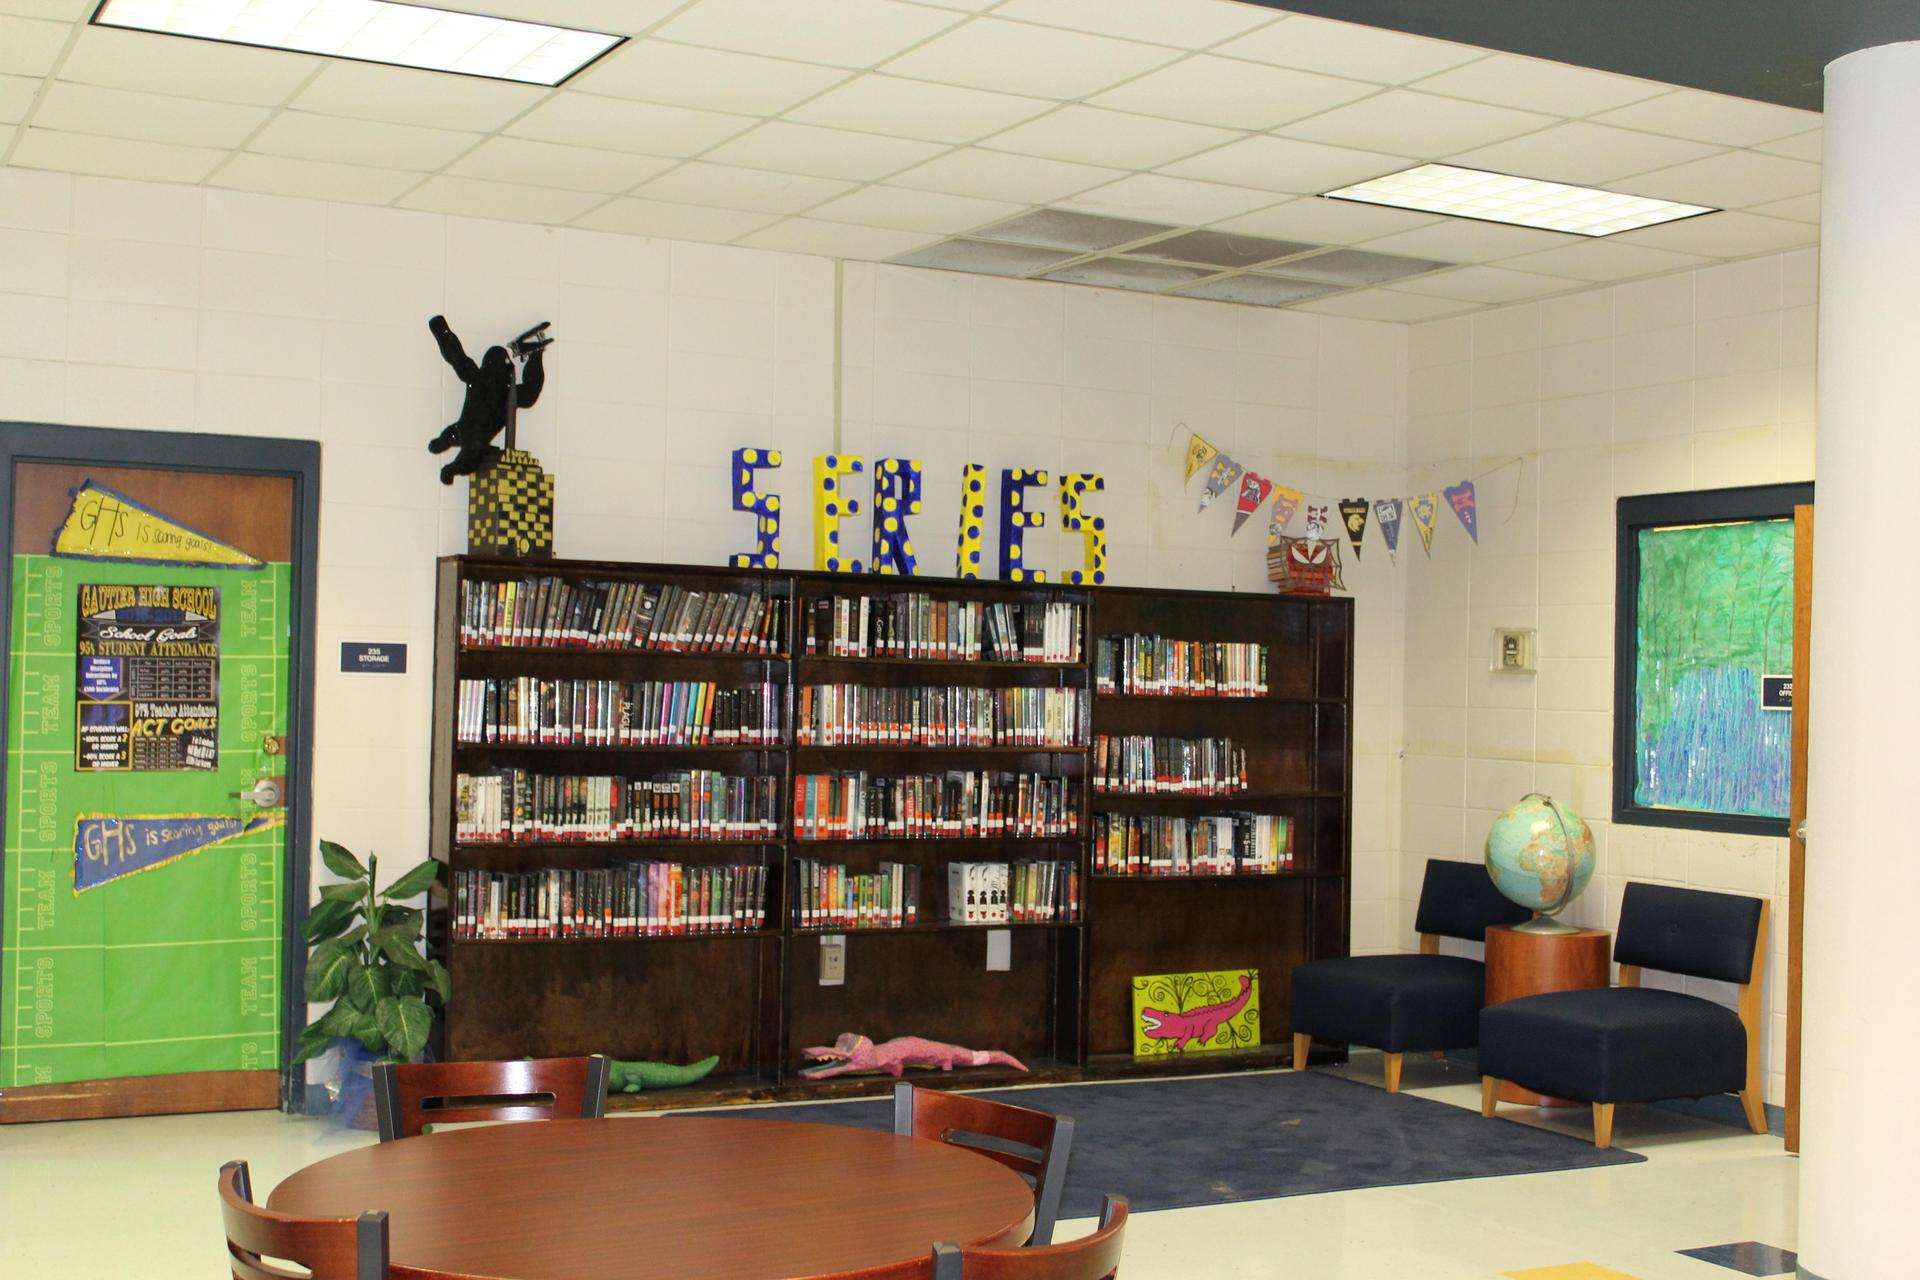 GHS Book Display Series